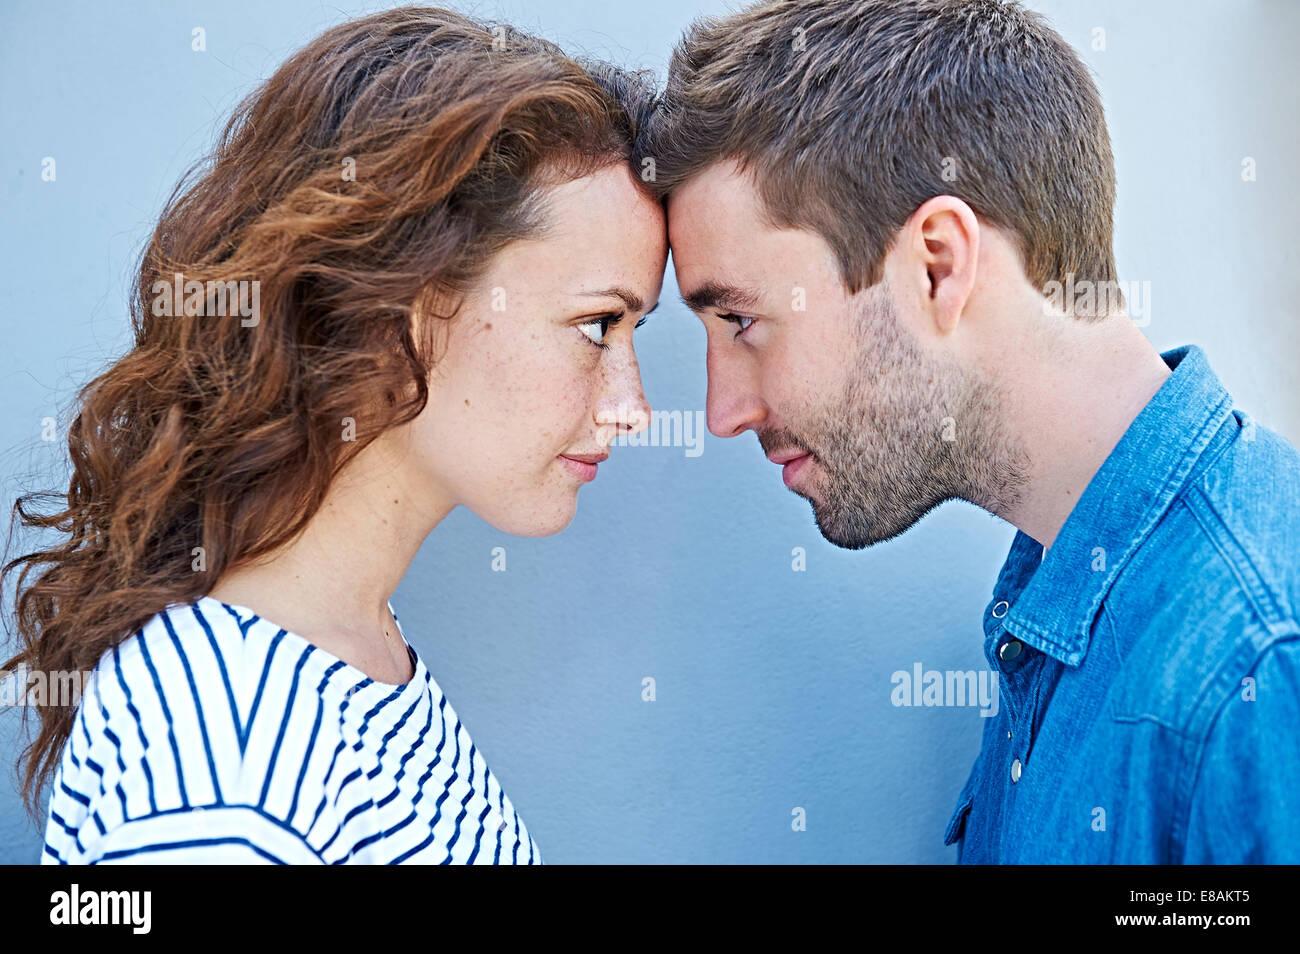 Cerca de la pareja frente a frente Imagen De Stock